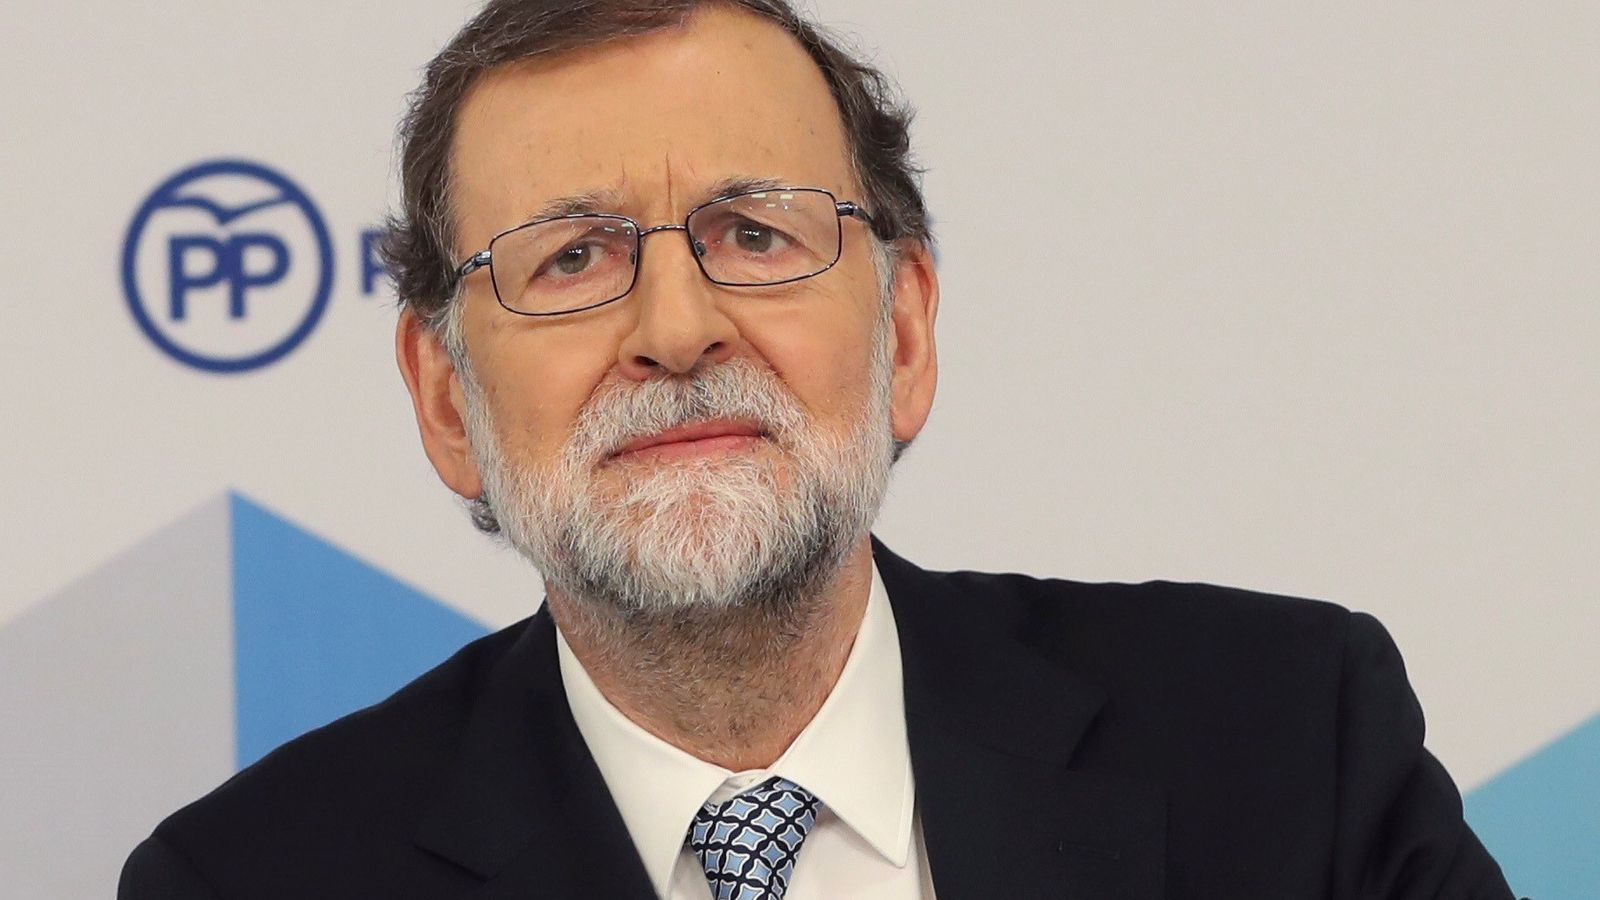 Mariano Rajoy podria presentar-se com a candidat a la presidència de la Federació Espanyola de Futbol